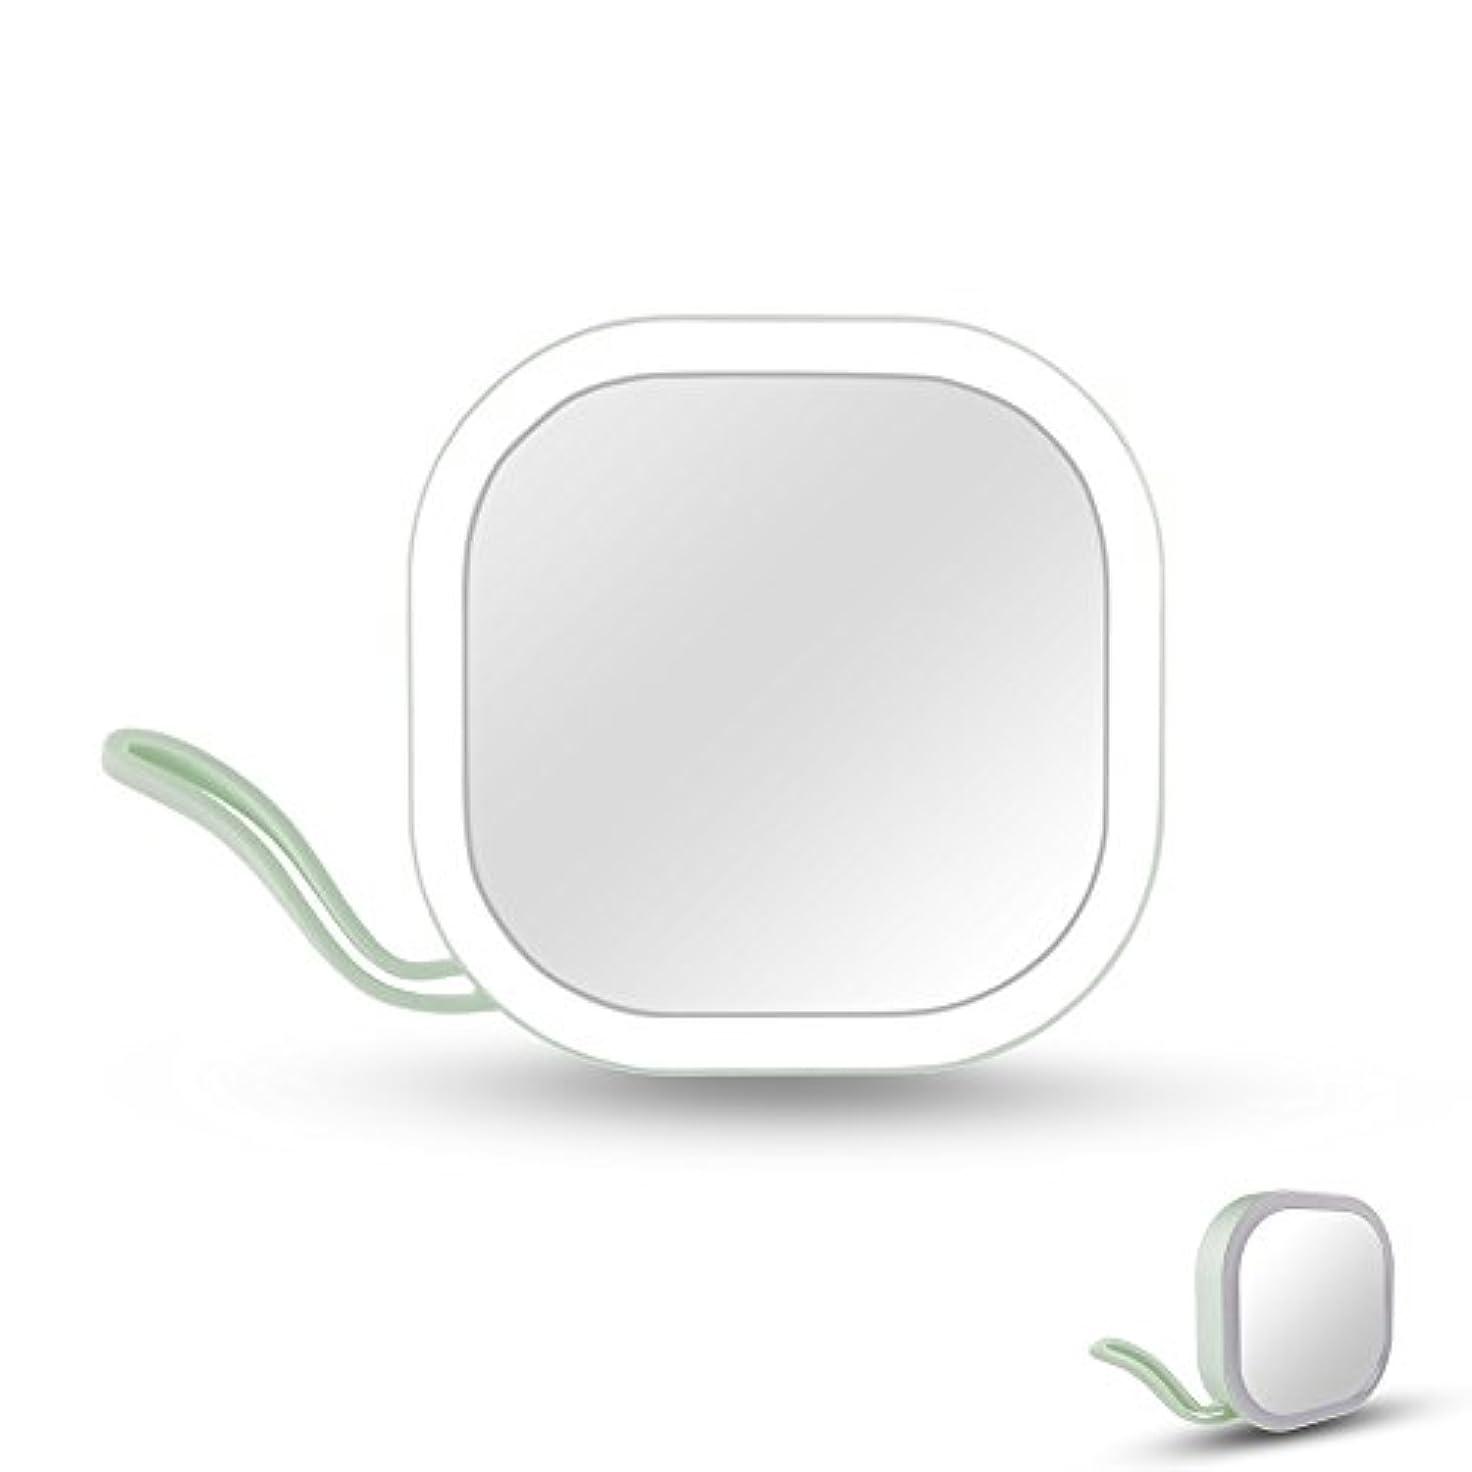 問題組み込む吸収剤Ichic LEDミラー 化粧鏡 メイクミラー 携帯用ミラー 手鏡 コンパクト 持運び便利 USB充電